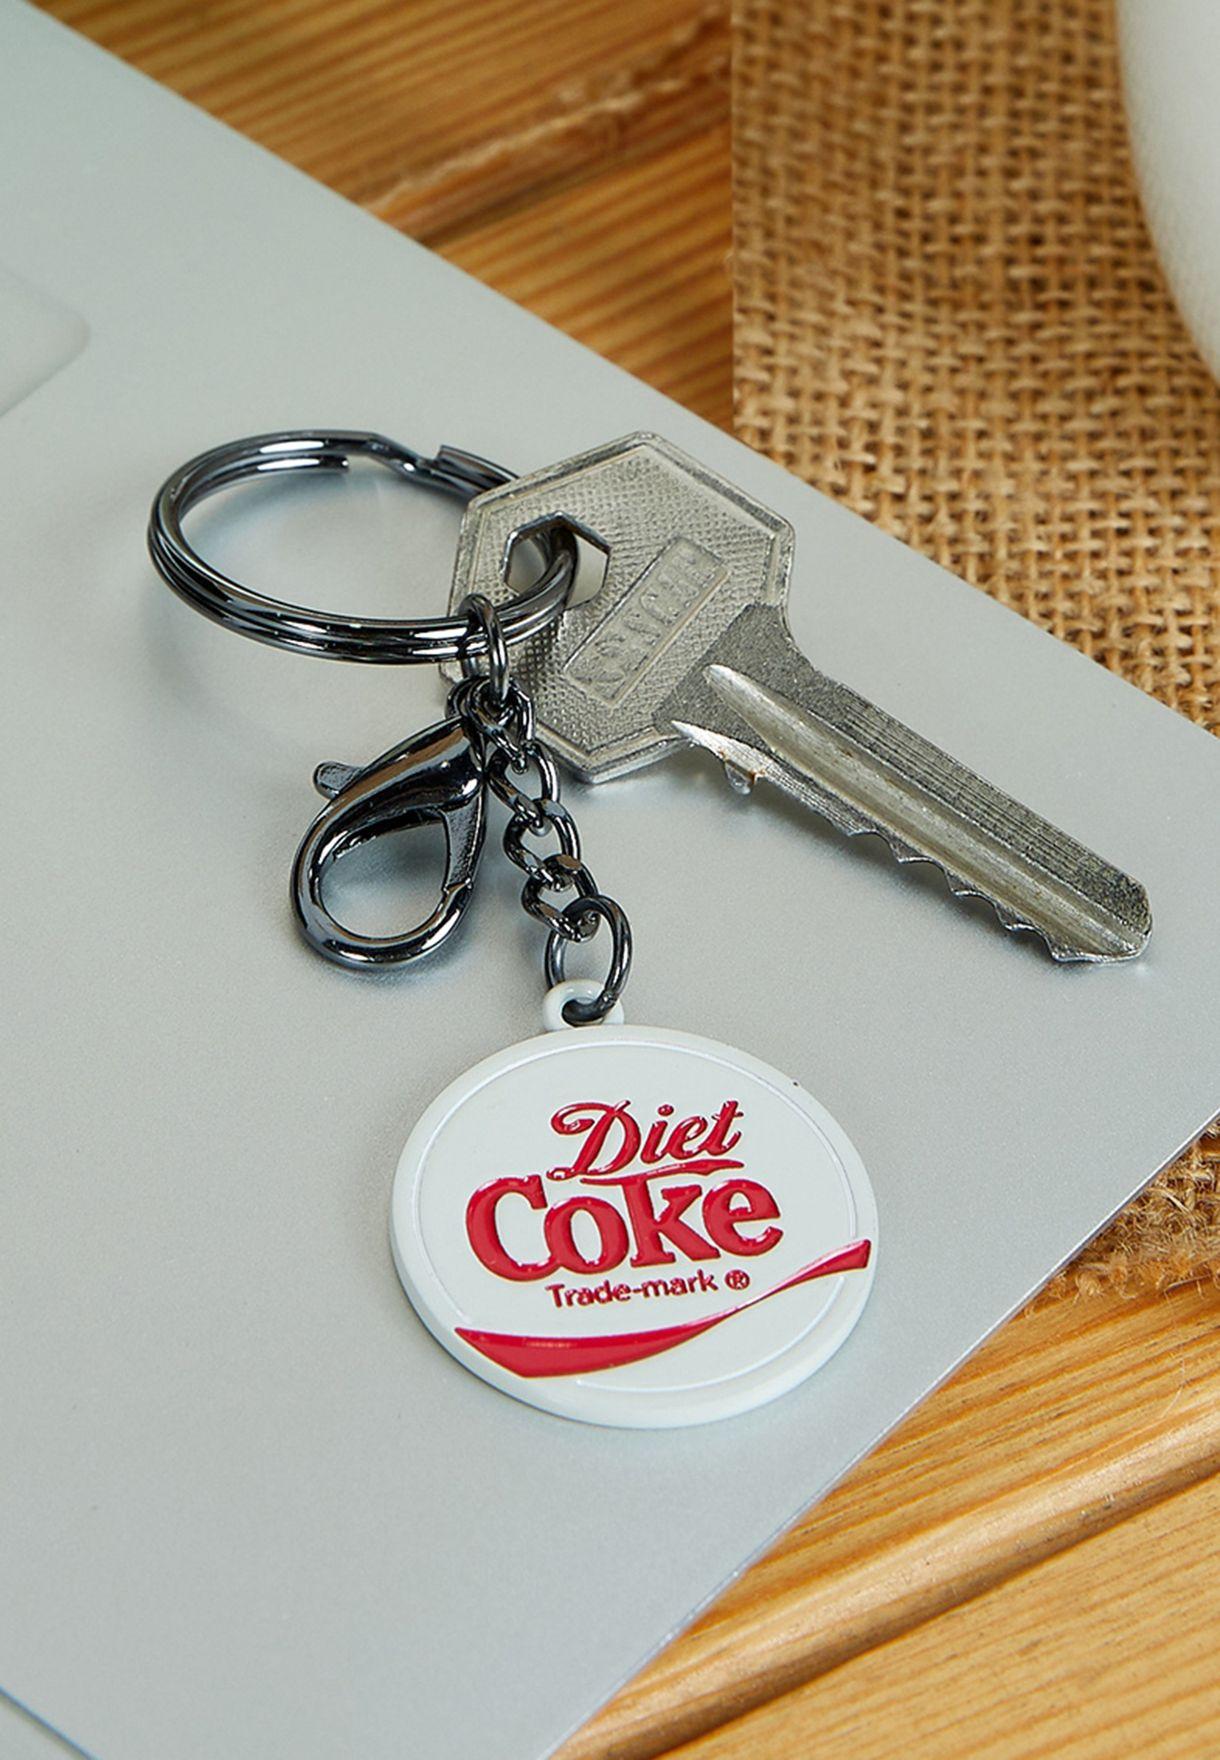 حمالة مفاتيح دايت كوك